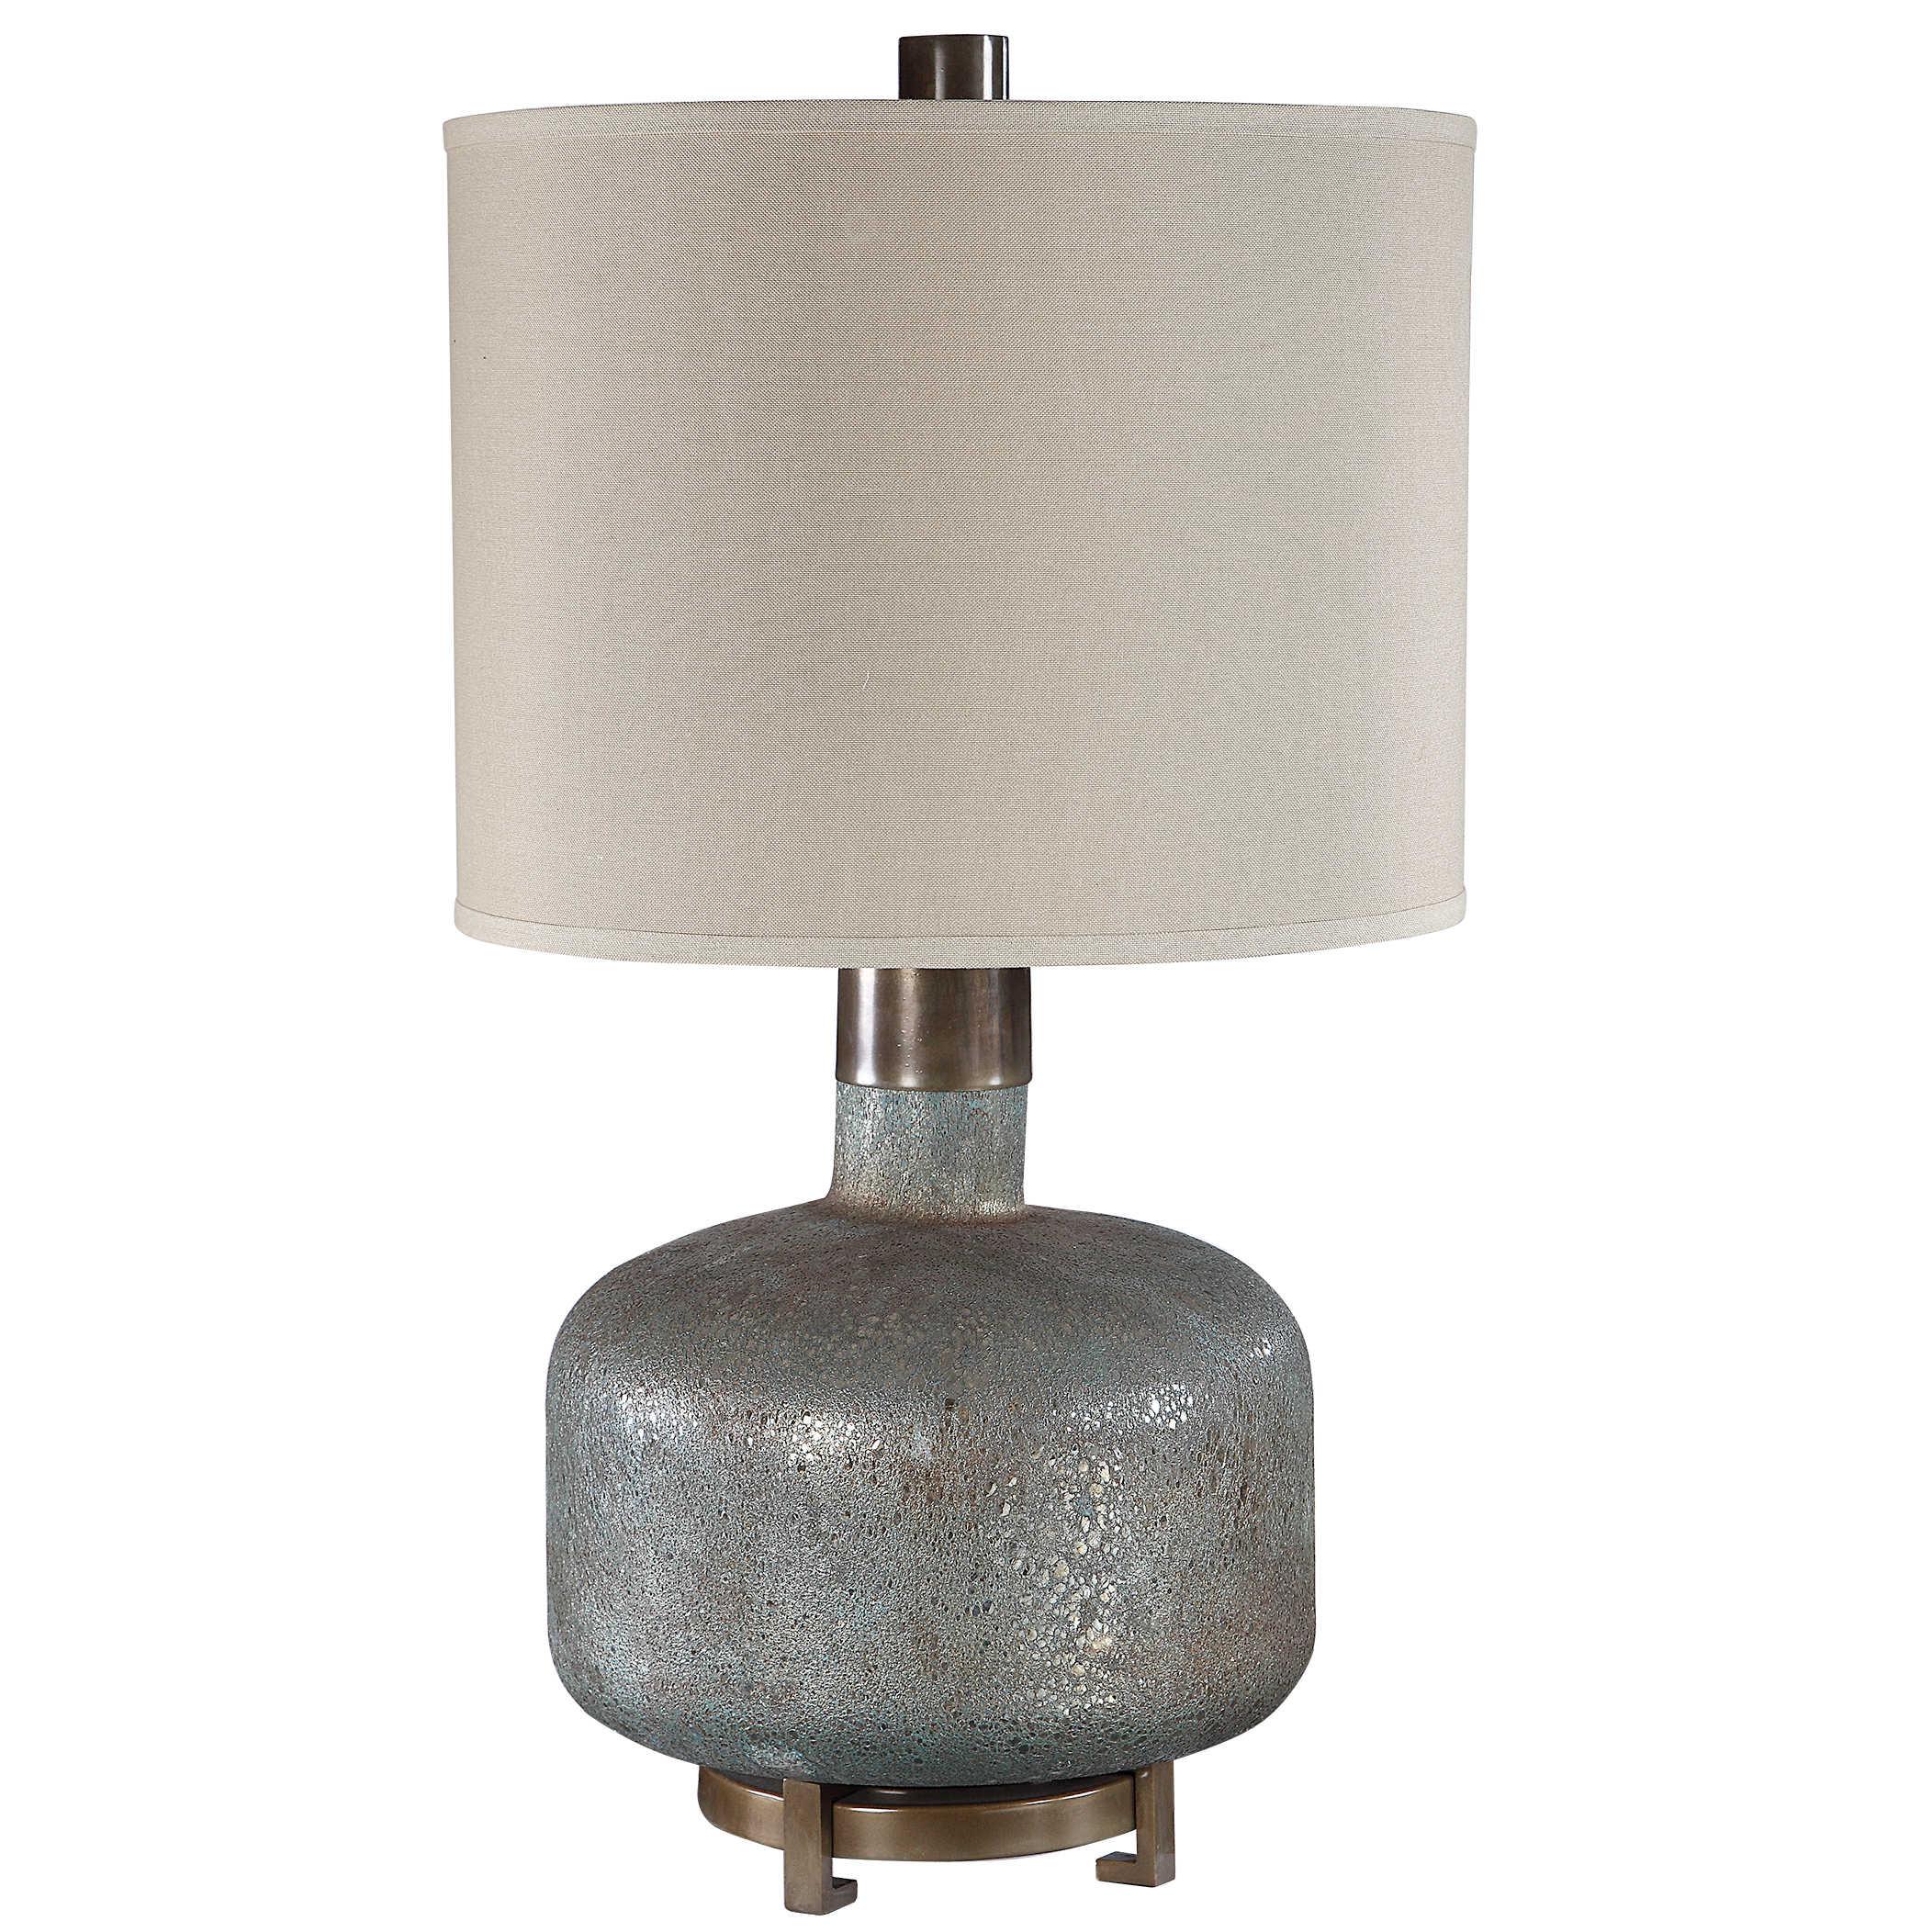 Demina Table Lamp Revelation By Uttermost